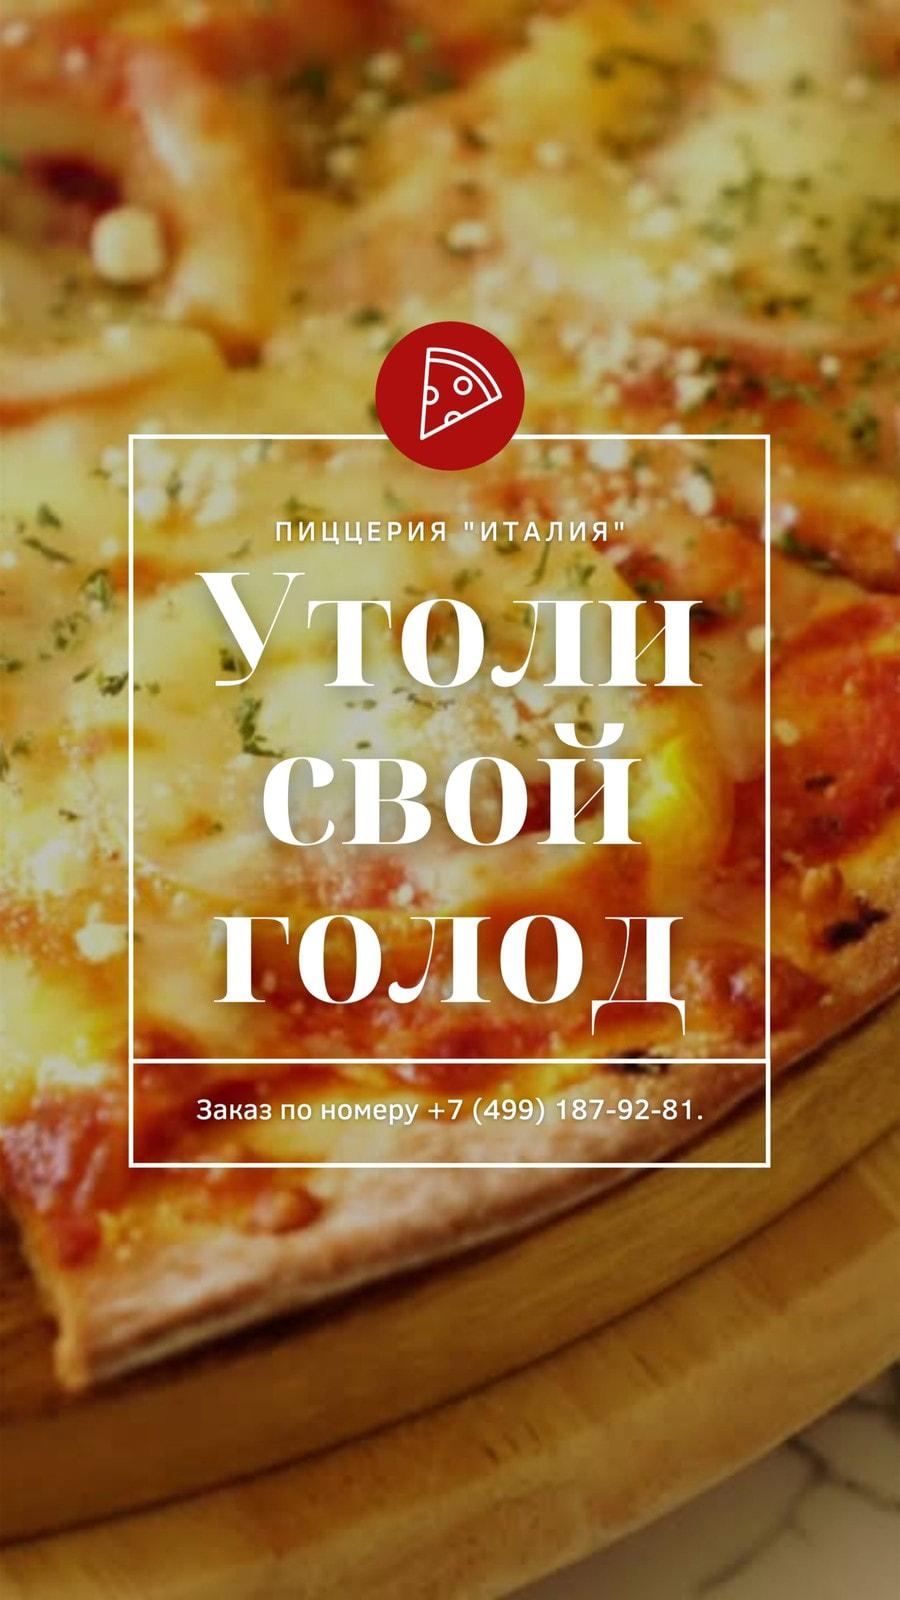 Красная Видео Отцентрированное Ресторан Пиццы Скидки / Акция и Доставка Ваша История